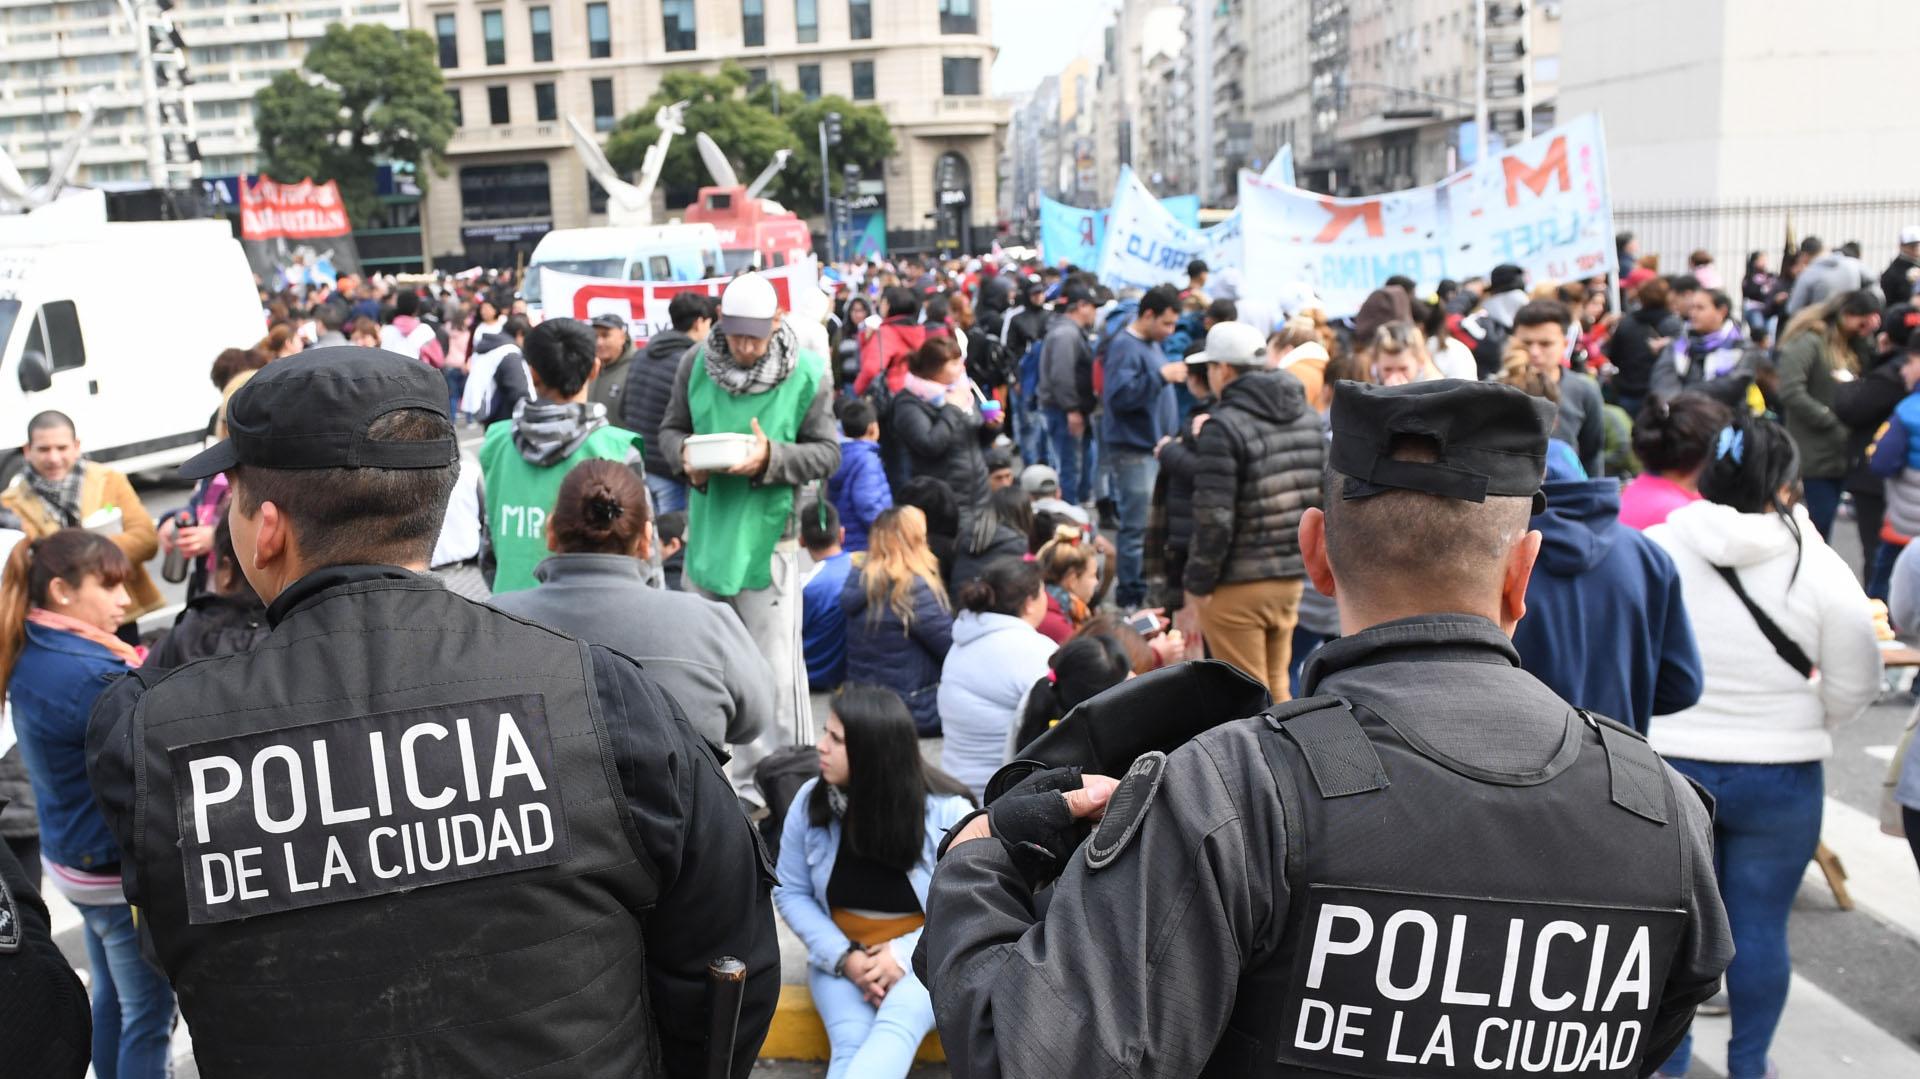 La Policía de la Ciudad trabajó en el lugar para resguardar la seguridad e impedir el corte de las avenidas